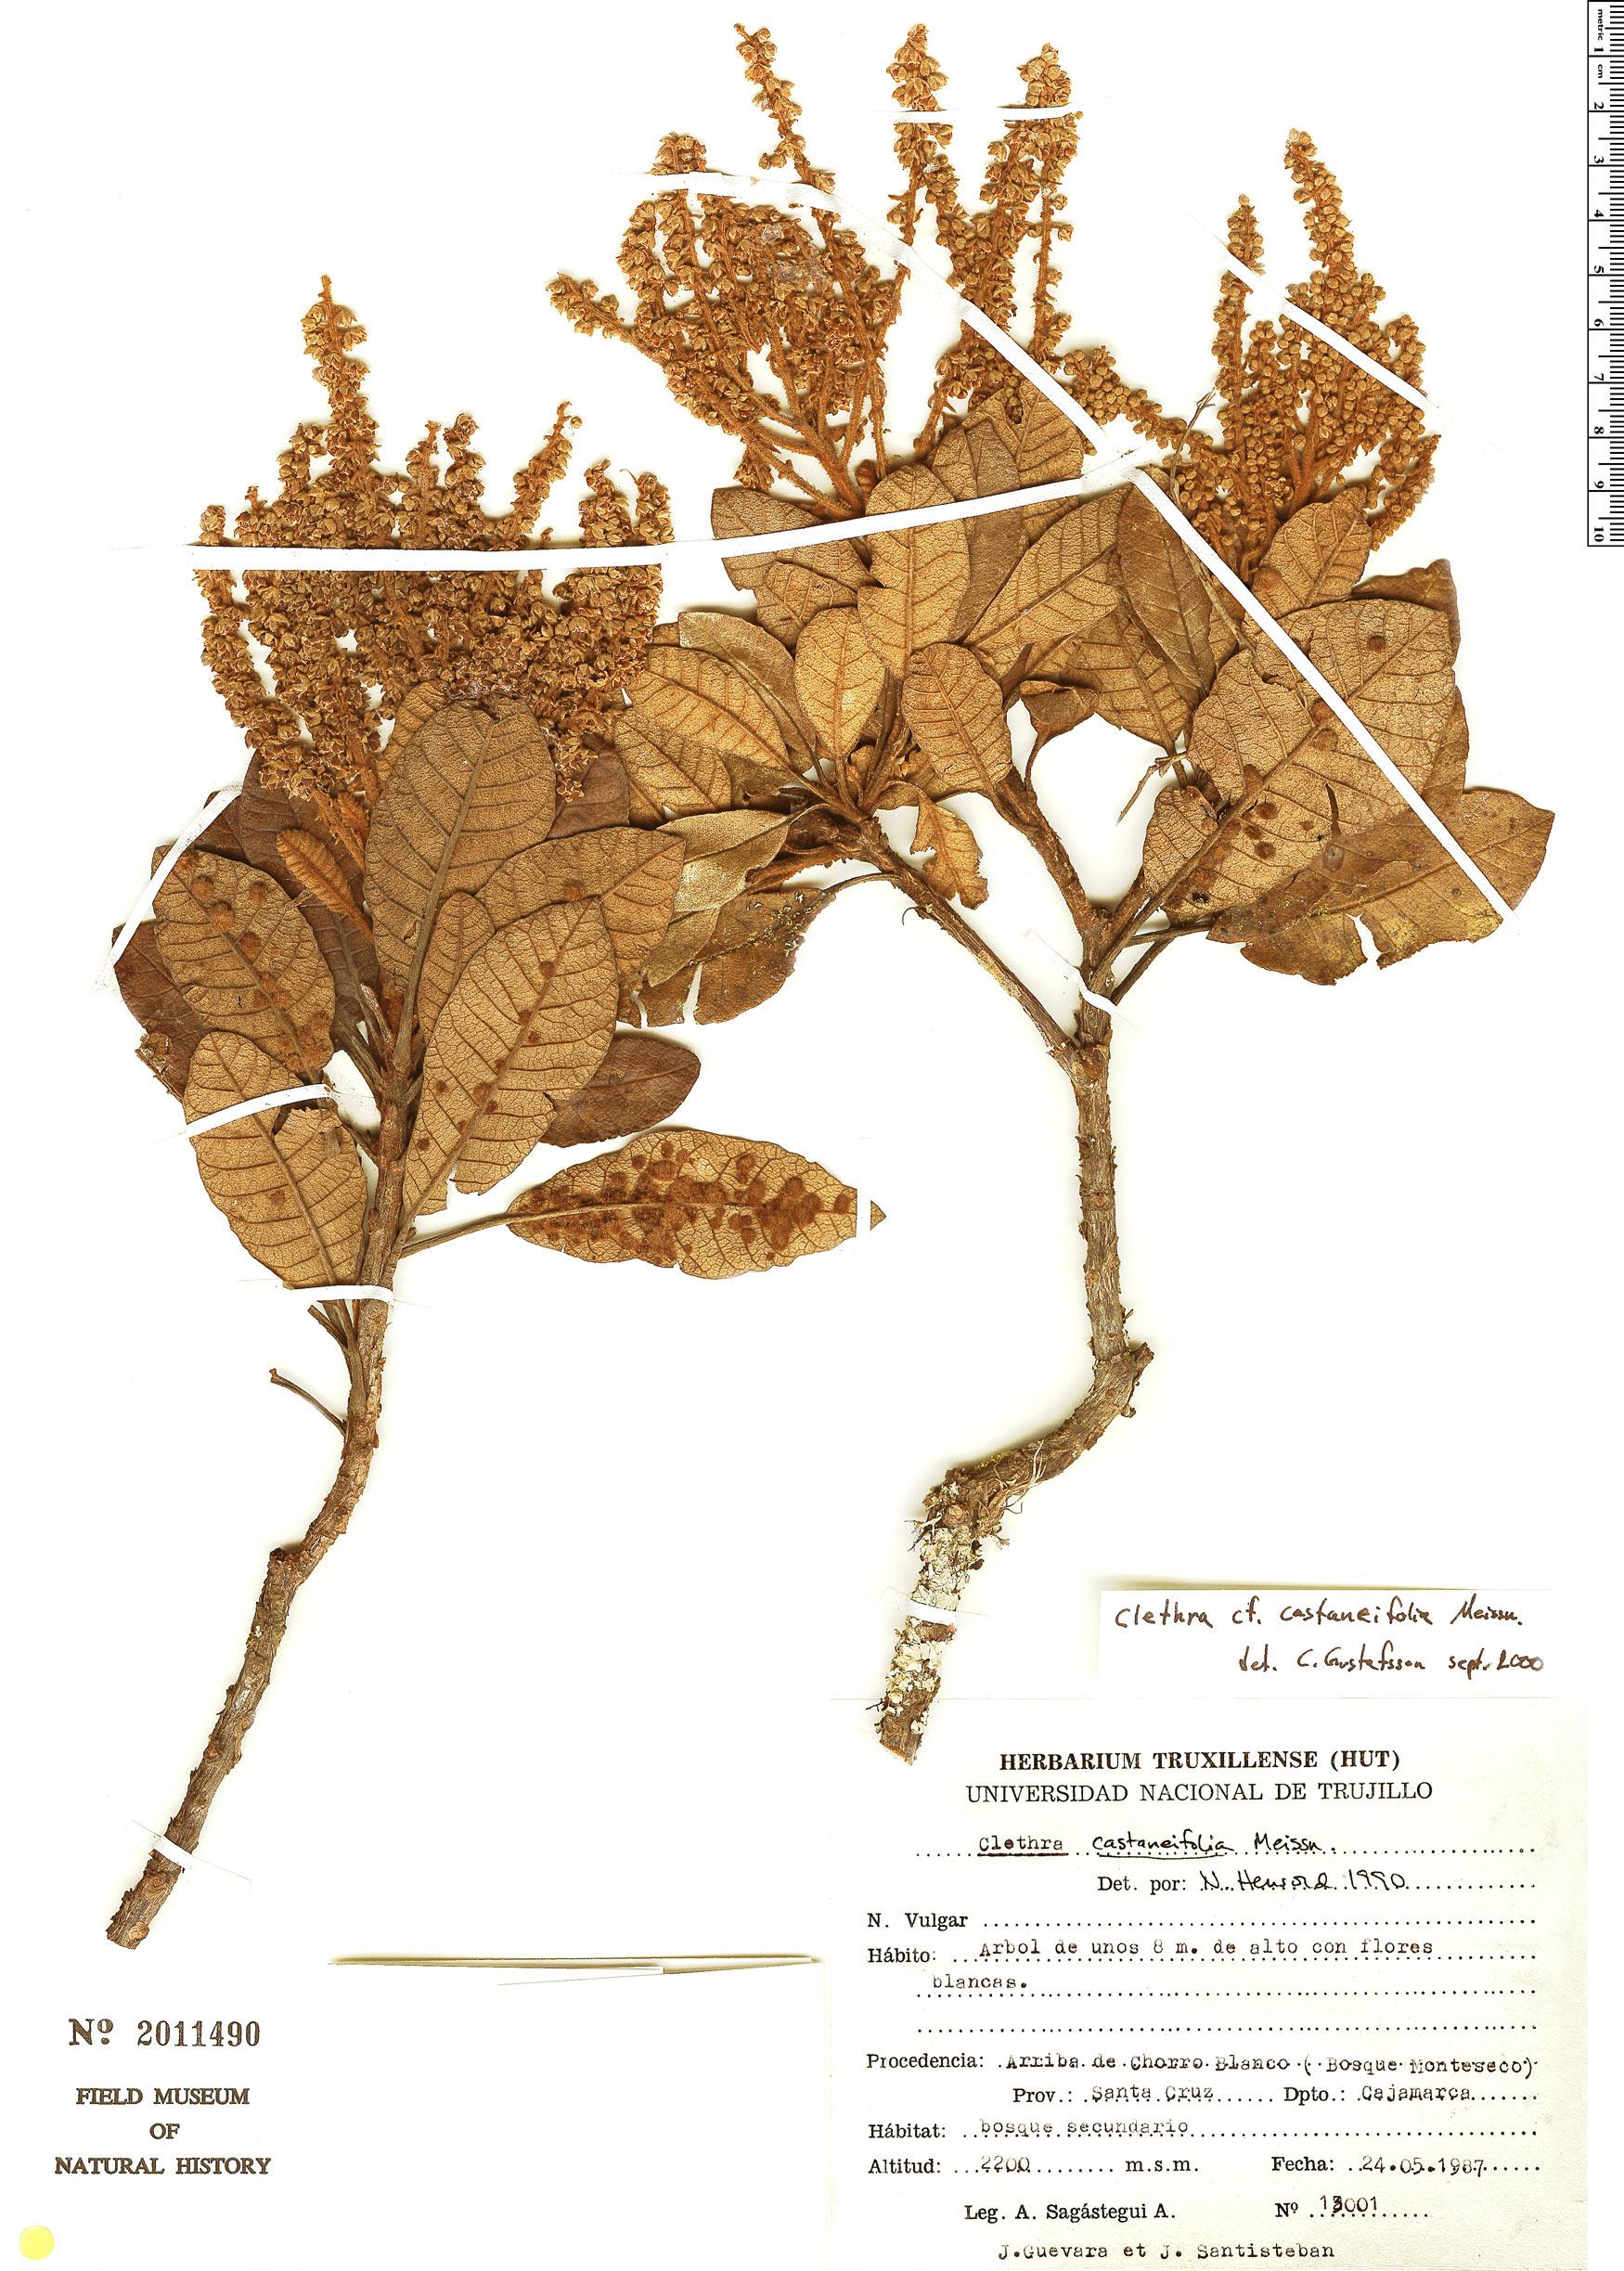 Specimen: Clethra castaneifolia